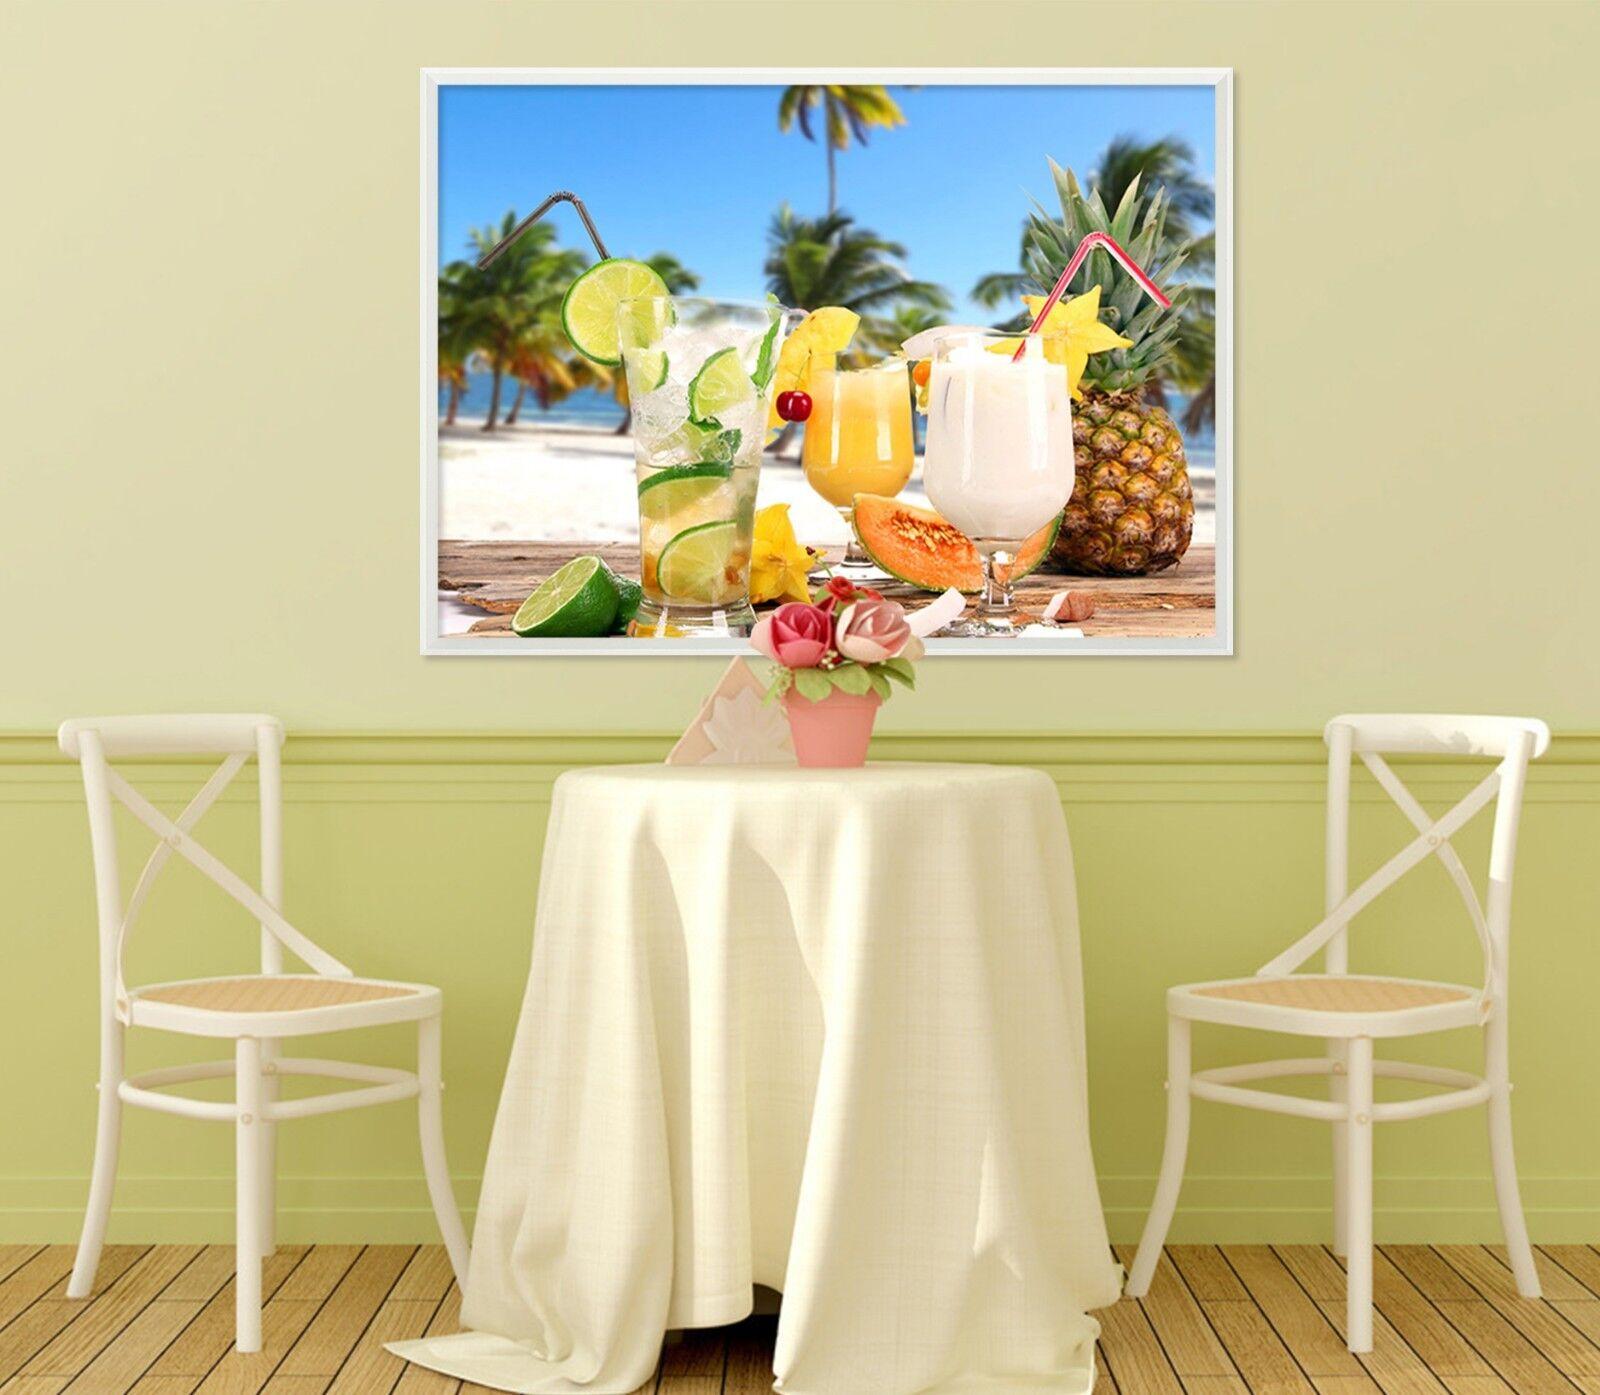 3D Drink Pineapple 523 Framed Poster Home Decor Print Painting Art AJ WALLPAPER